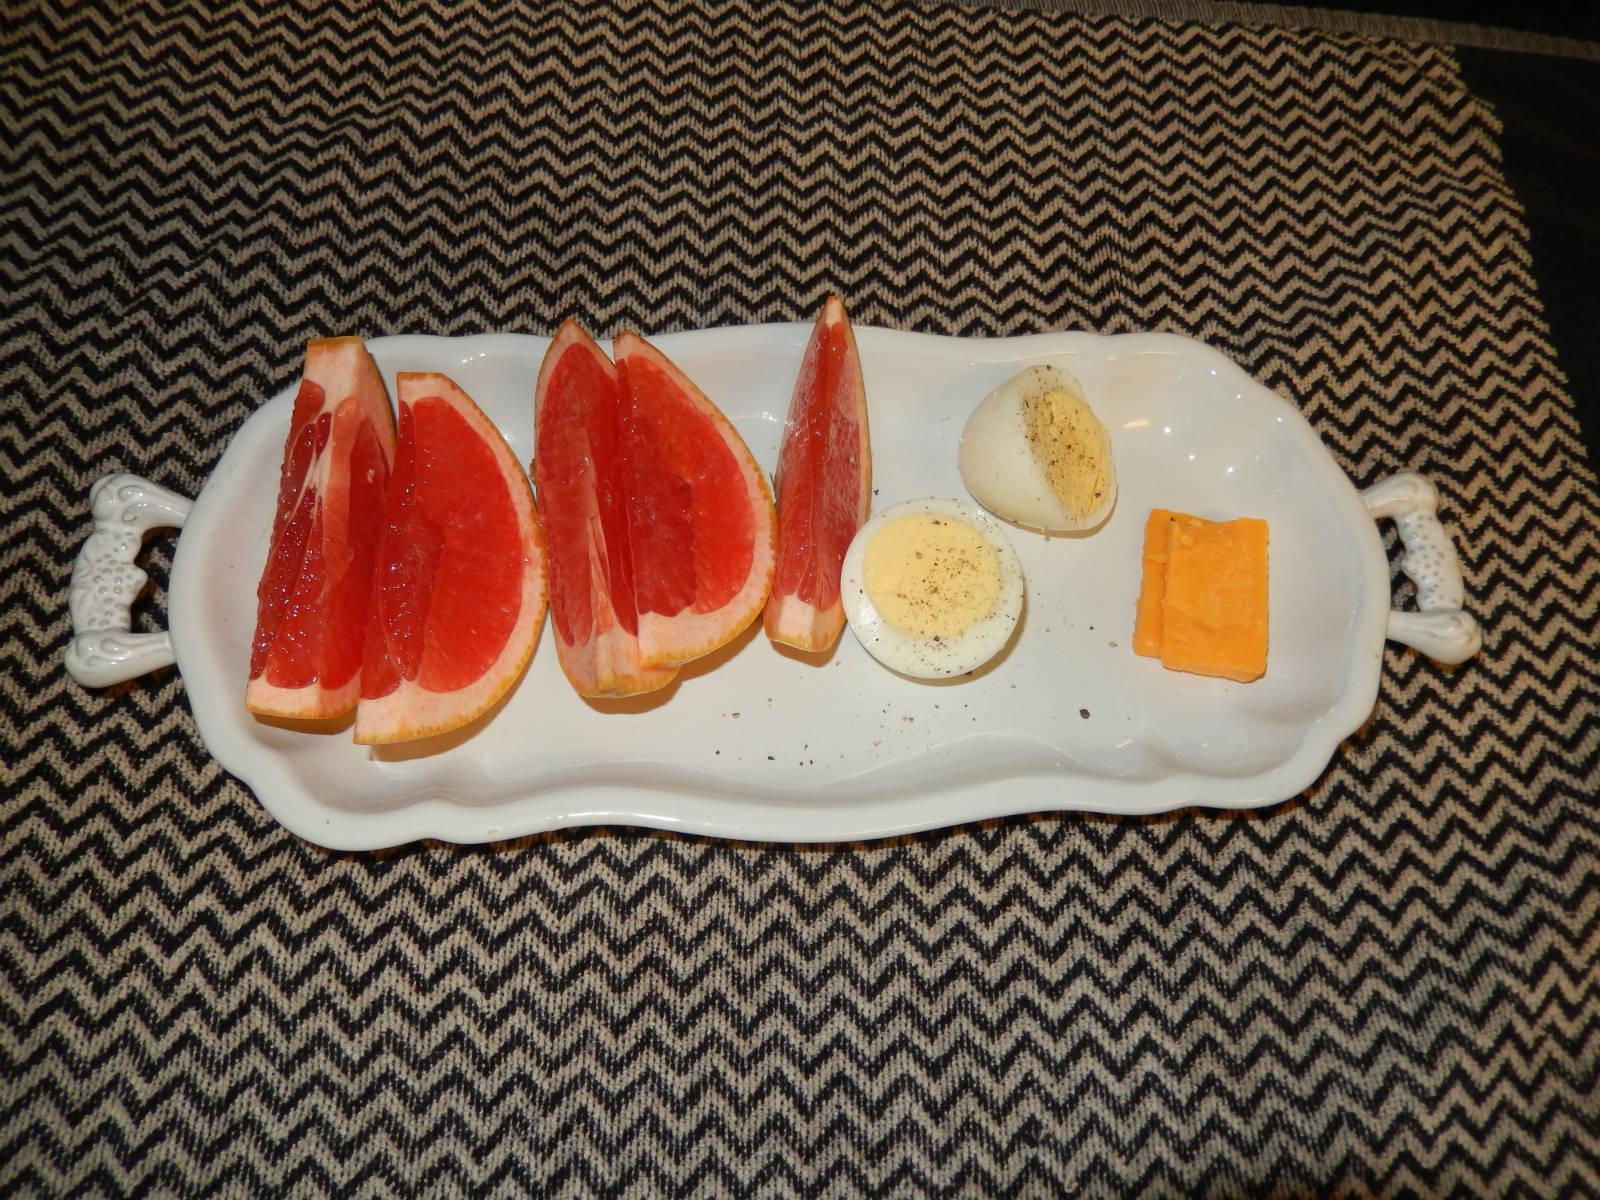 Яично Грейпфрутовая Диета 2 Недели. Грейпфрутовая диета